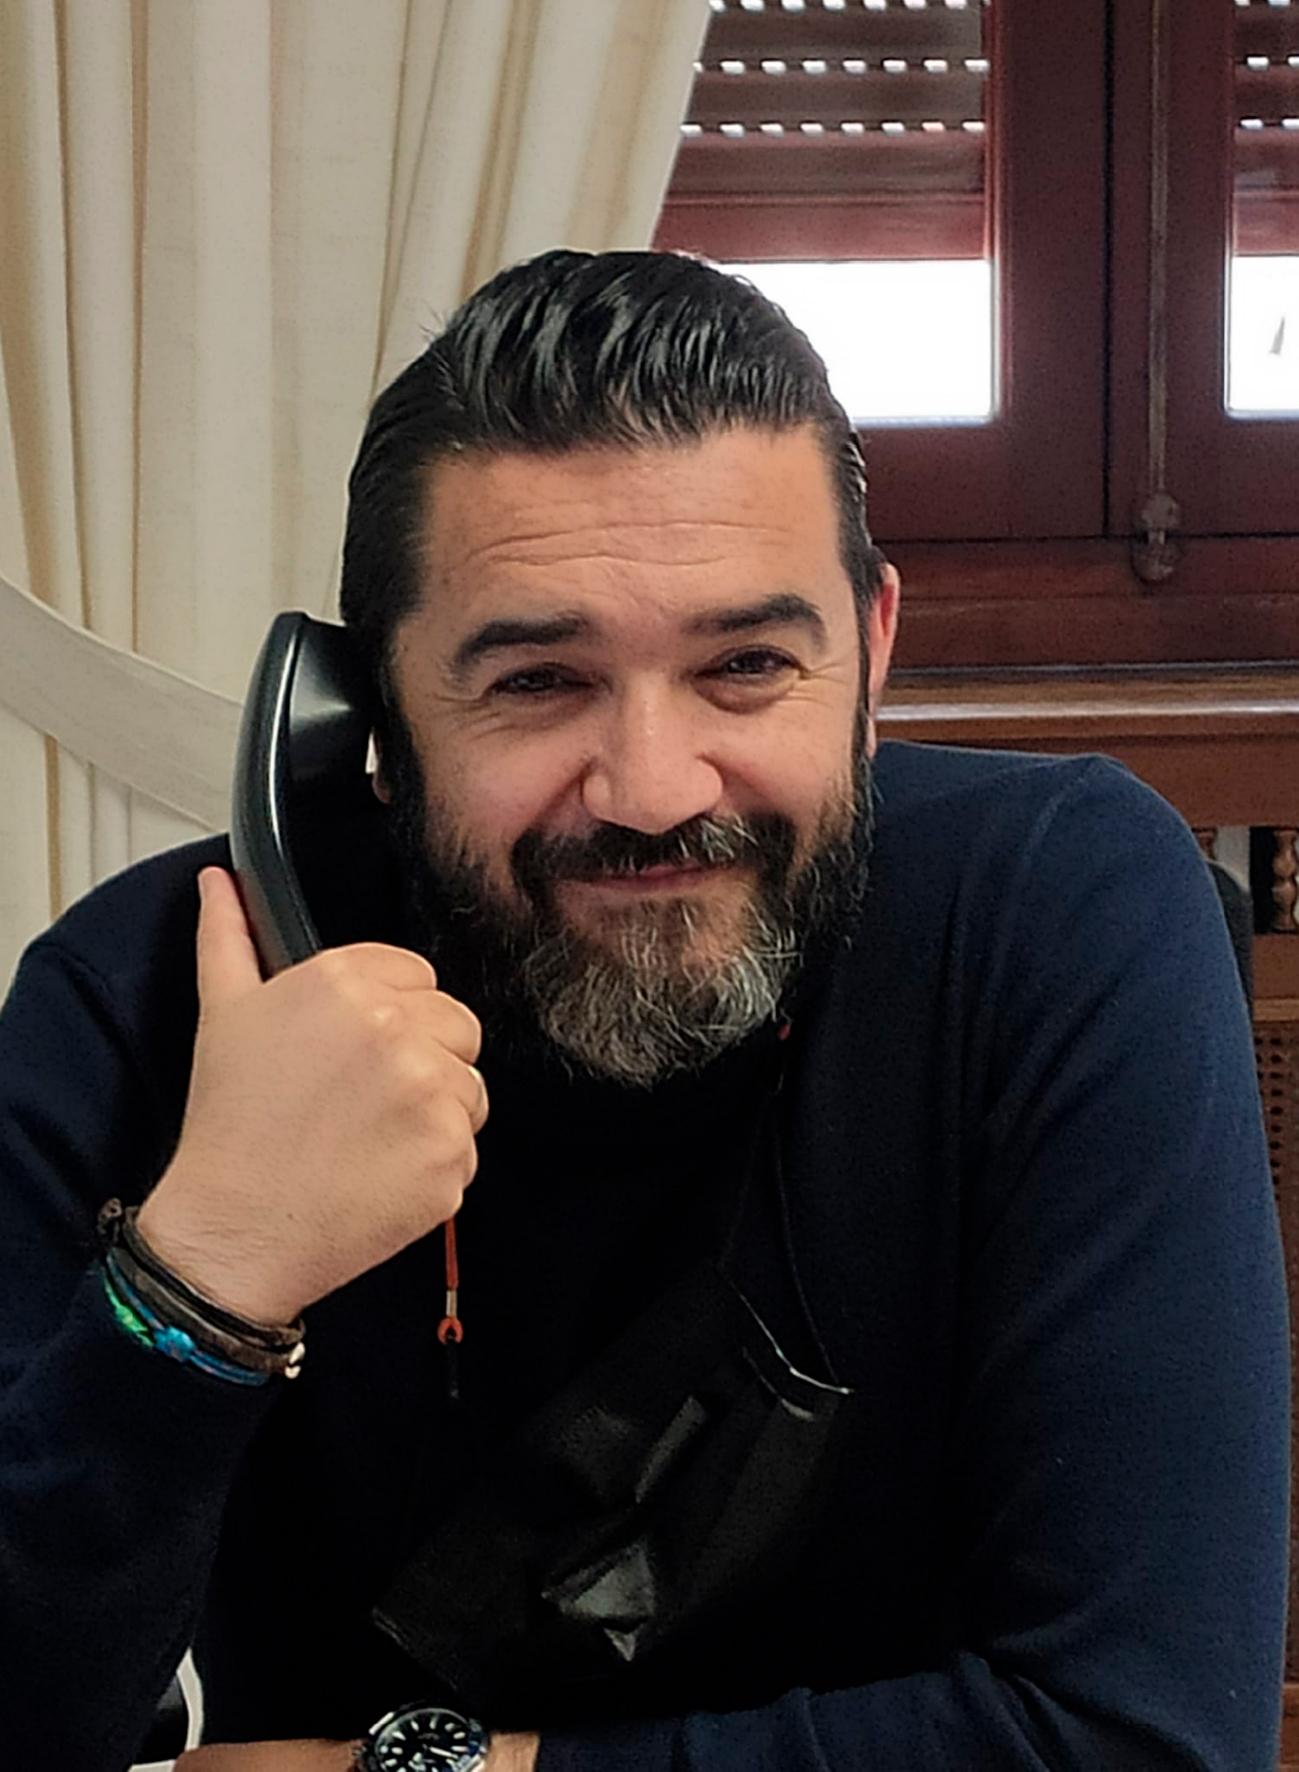 FernandoLópez Salazar